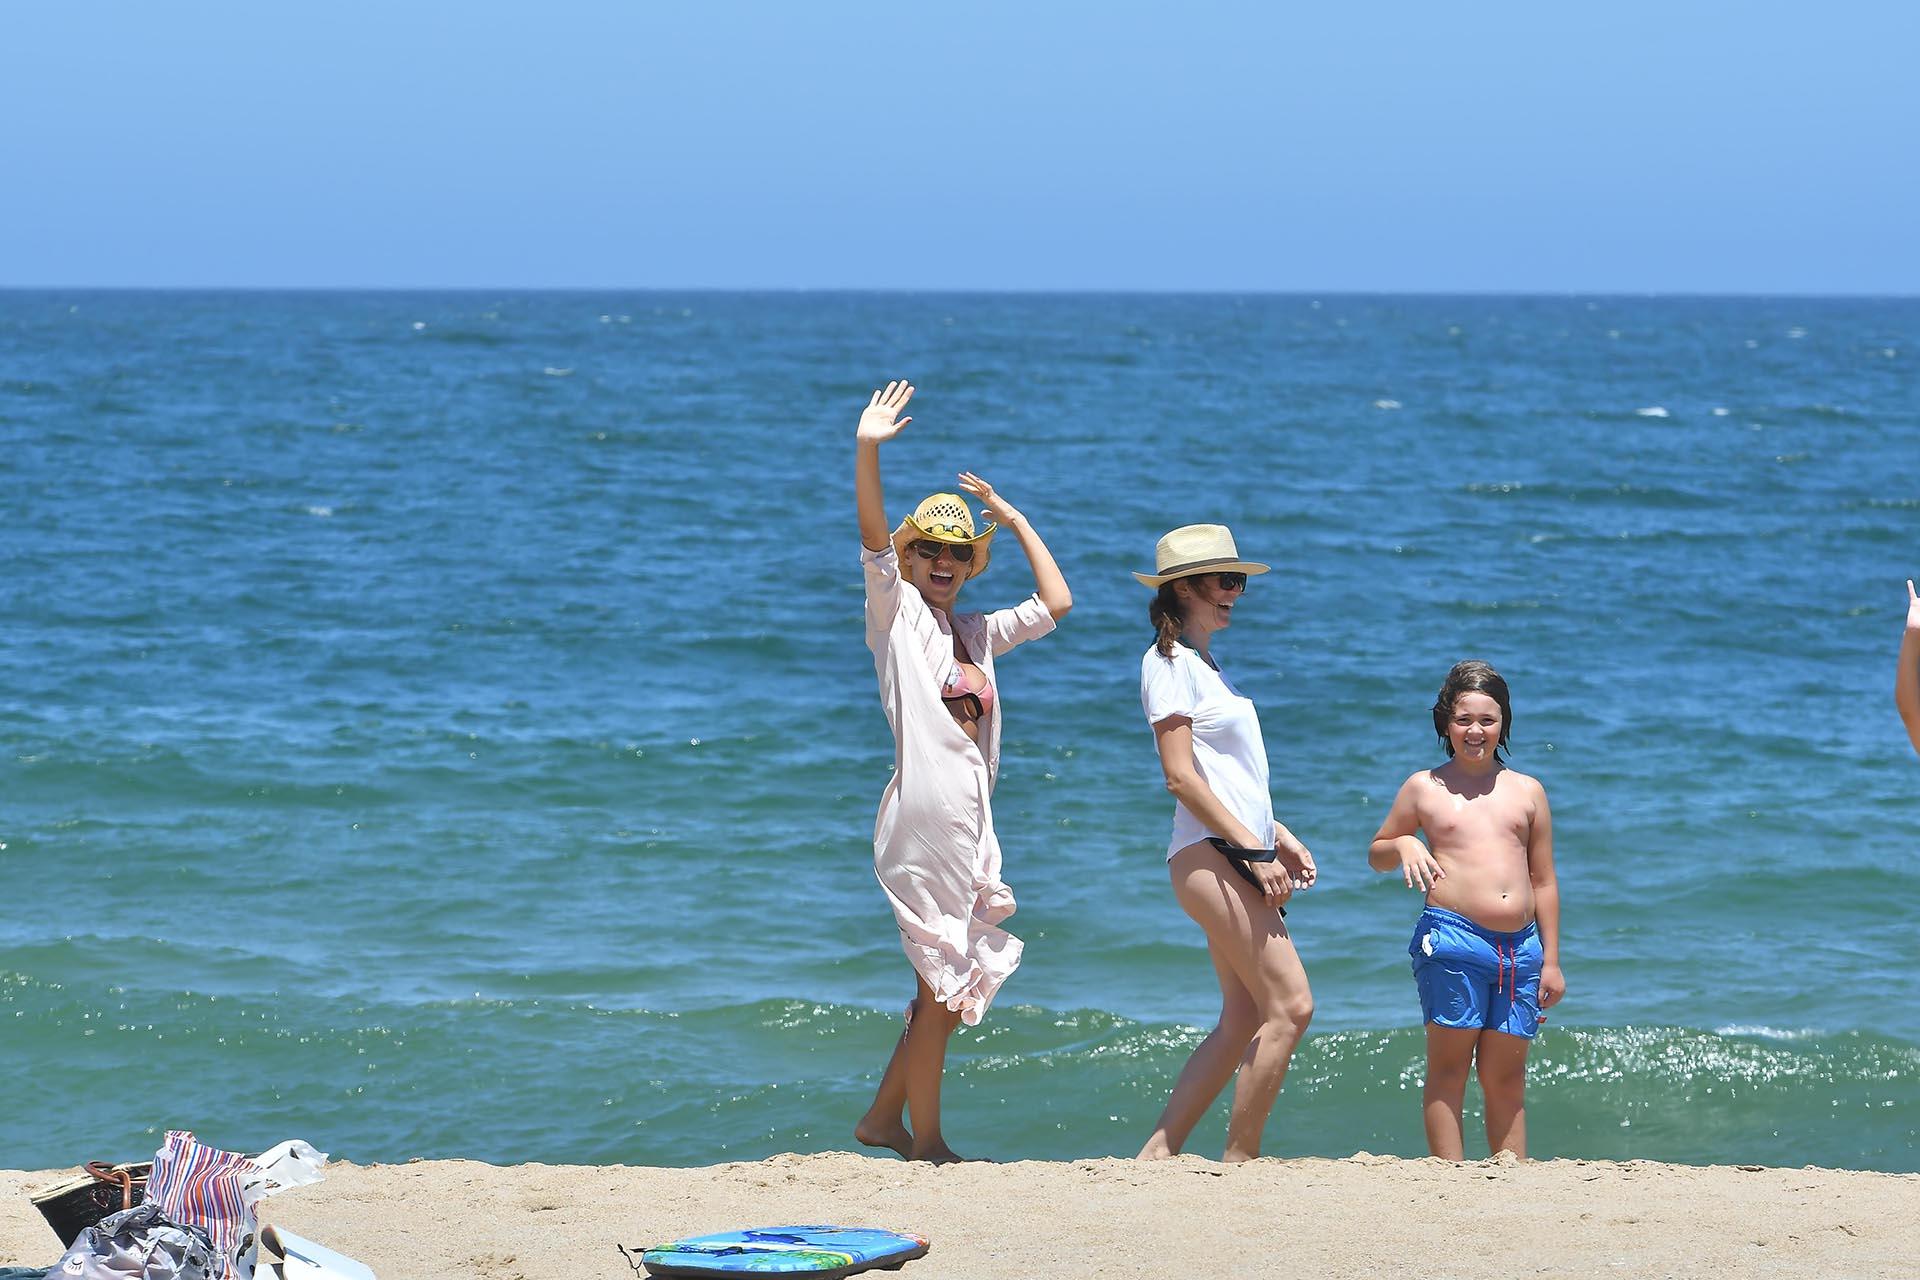 La conductora se separó de Mónaco poco antes de tomarse vacaciones. El verano pasado habían estado juntos disfrutando de la temporada